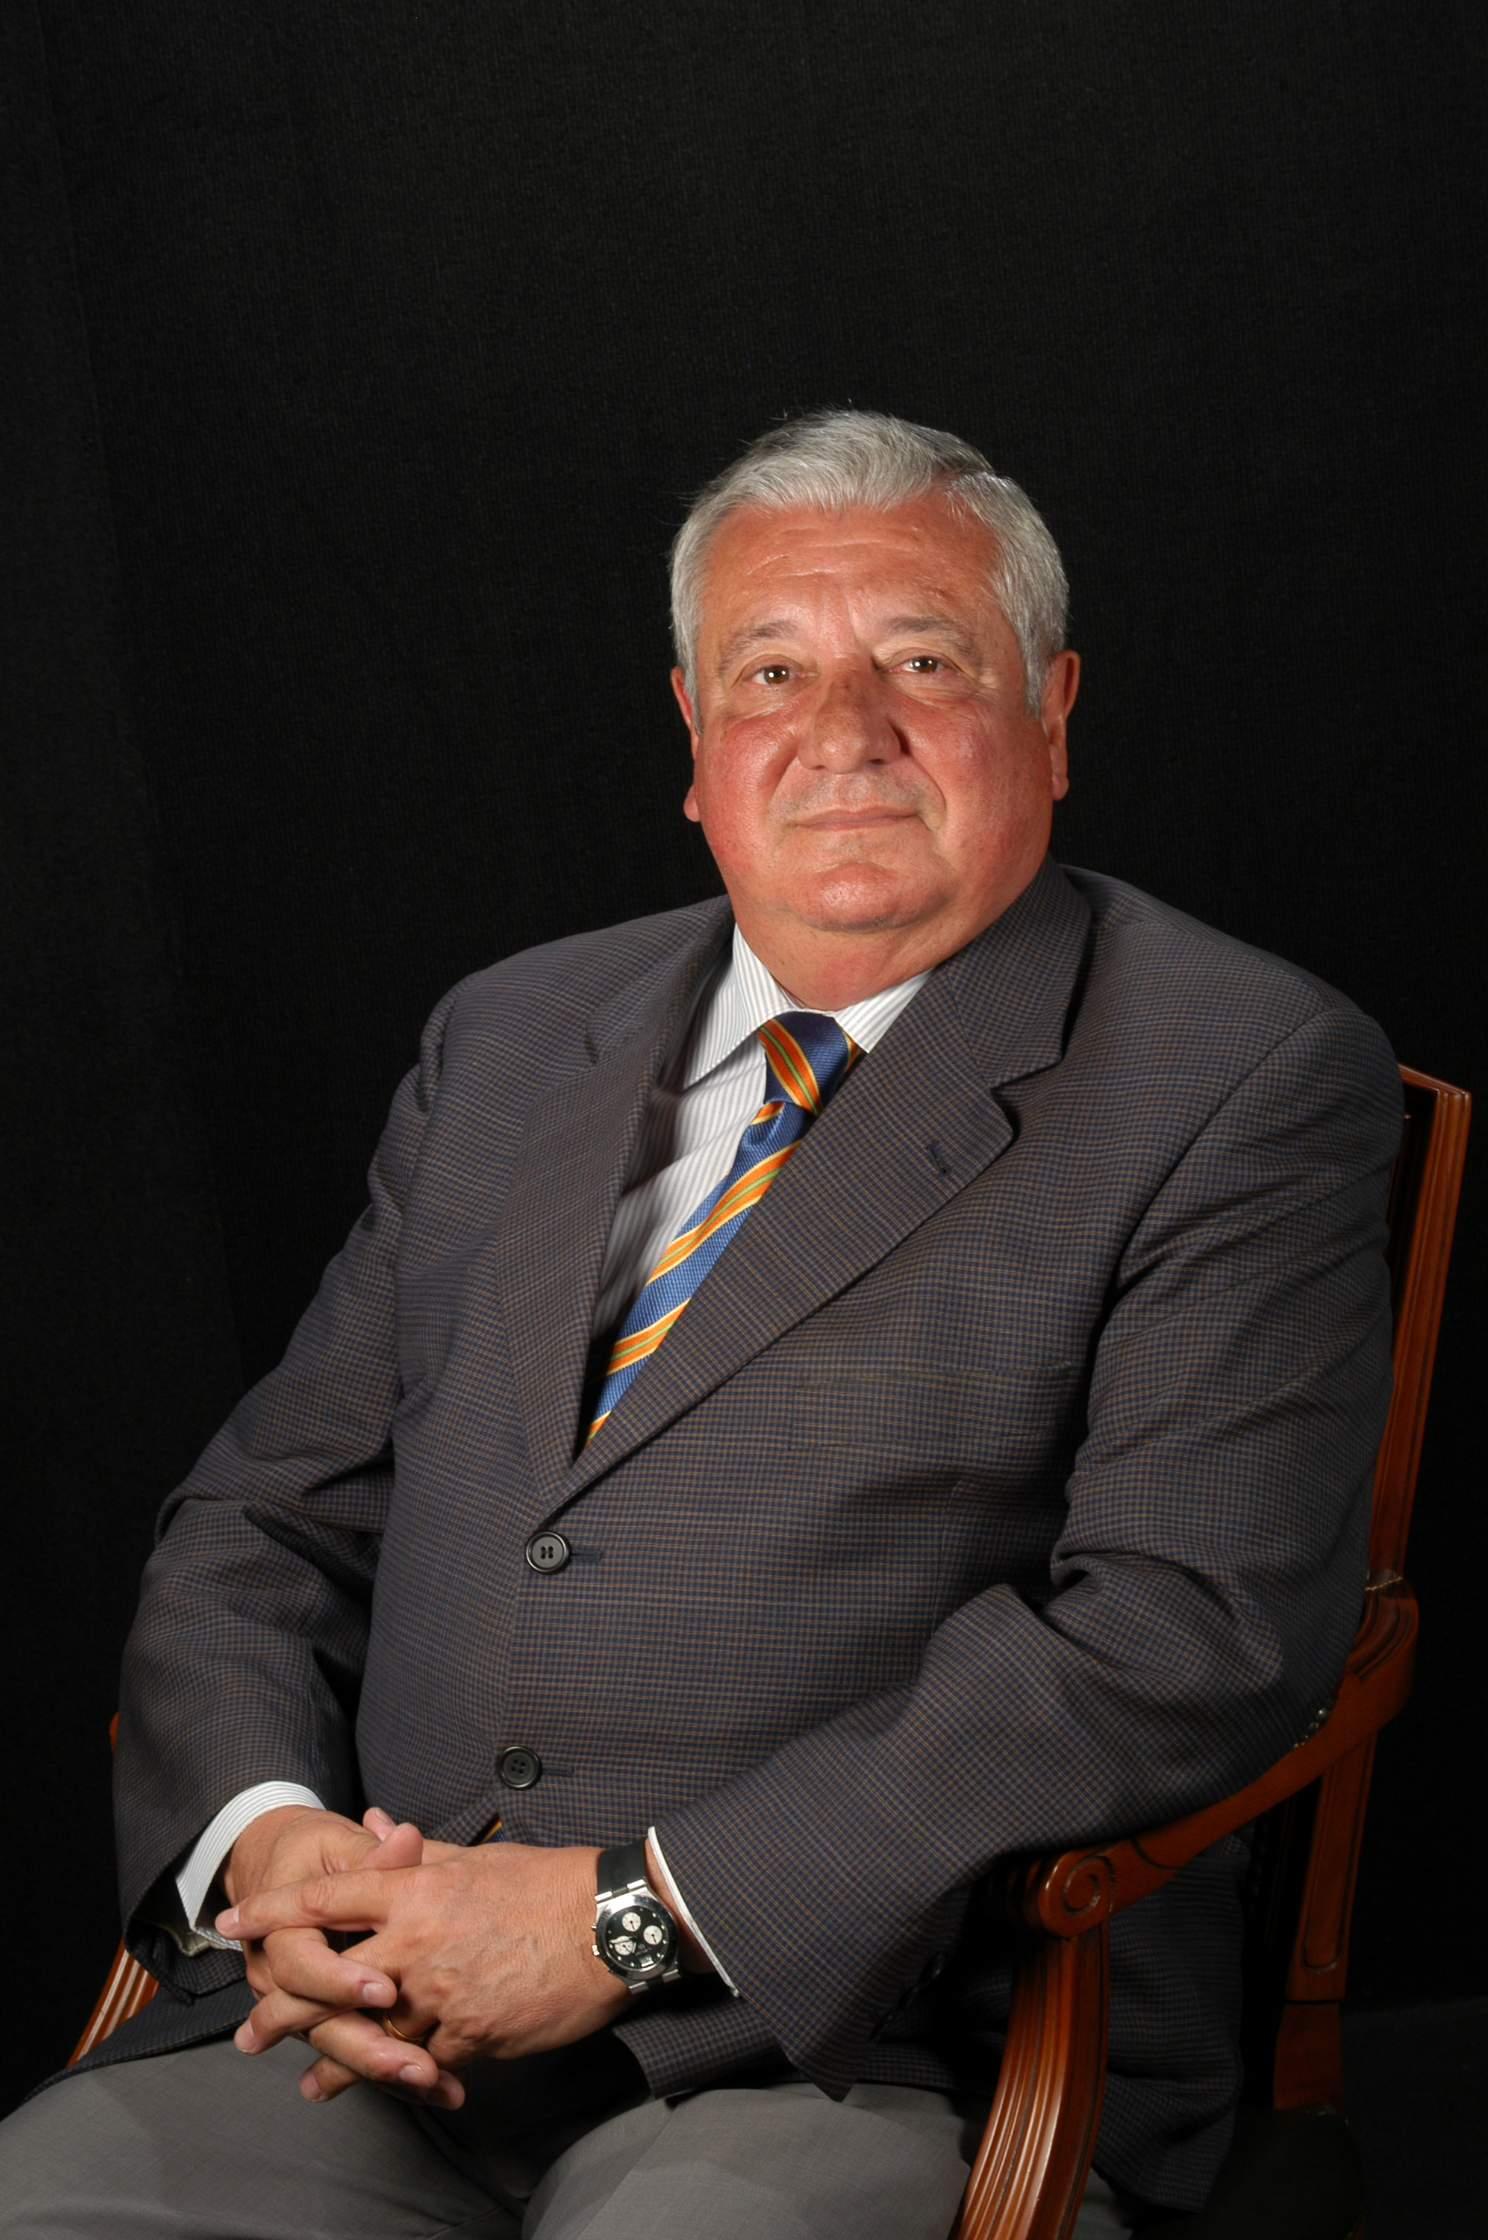 Sr. Ricard Cruzate i Bernaldo de Quirós